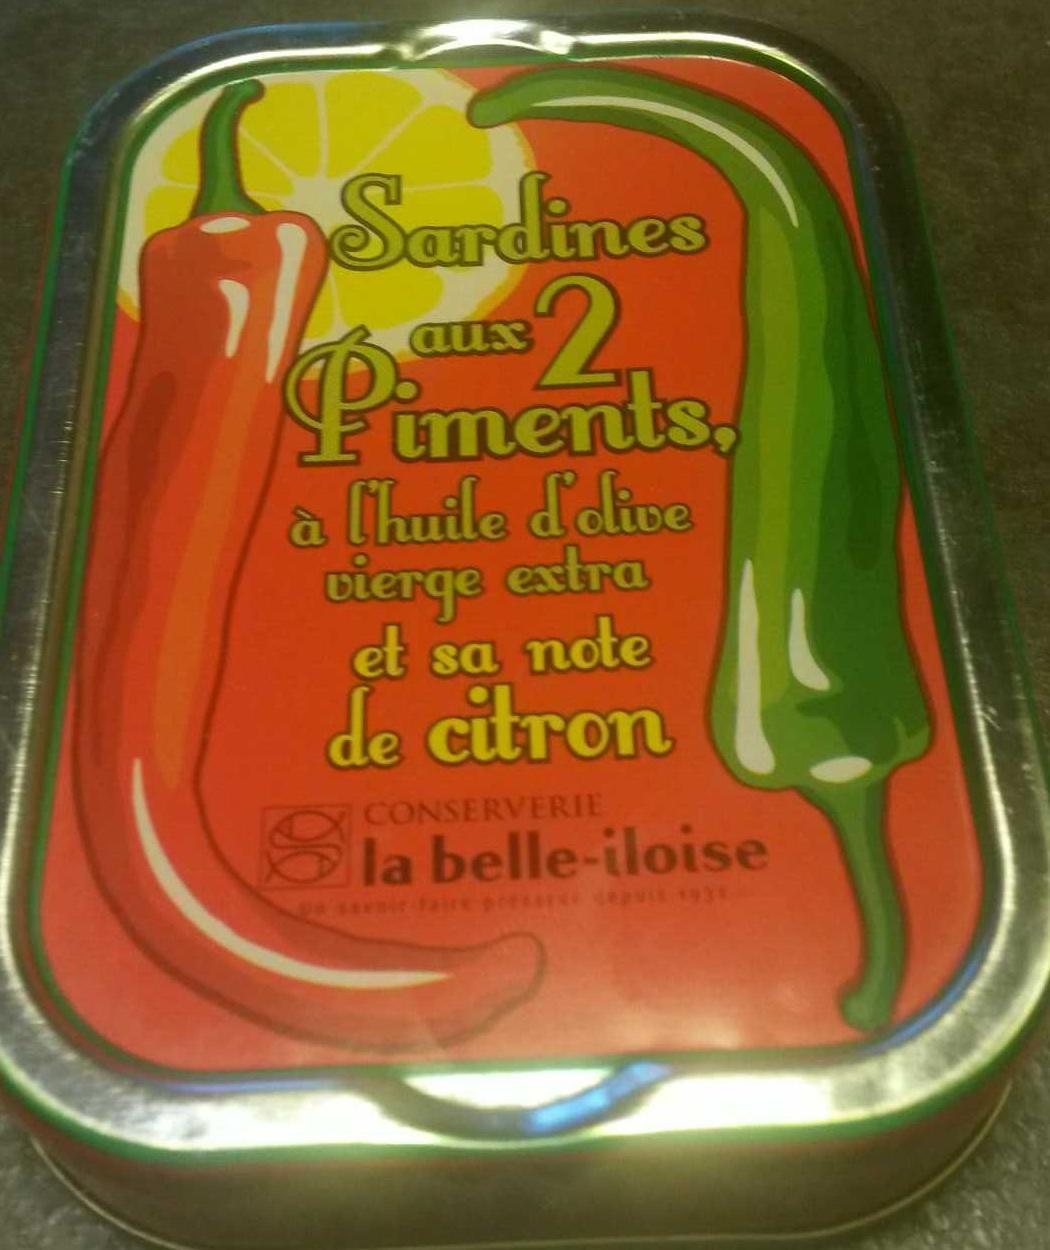 Sardines aux 2 piments, à l'huile d'olive vierge extra et sa note de citron - Produit